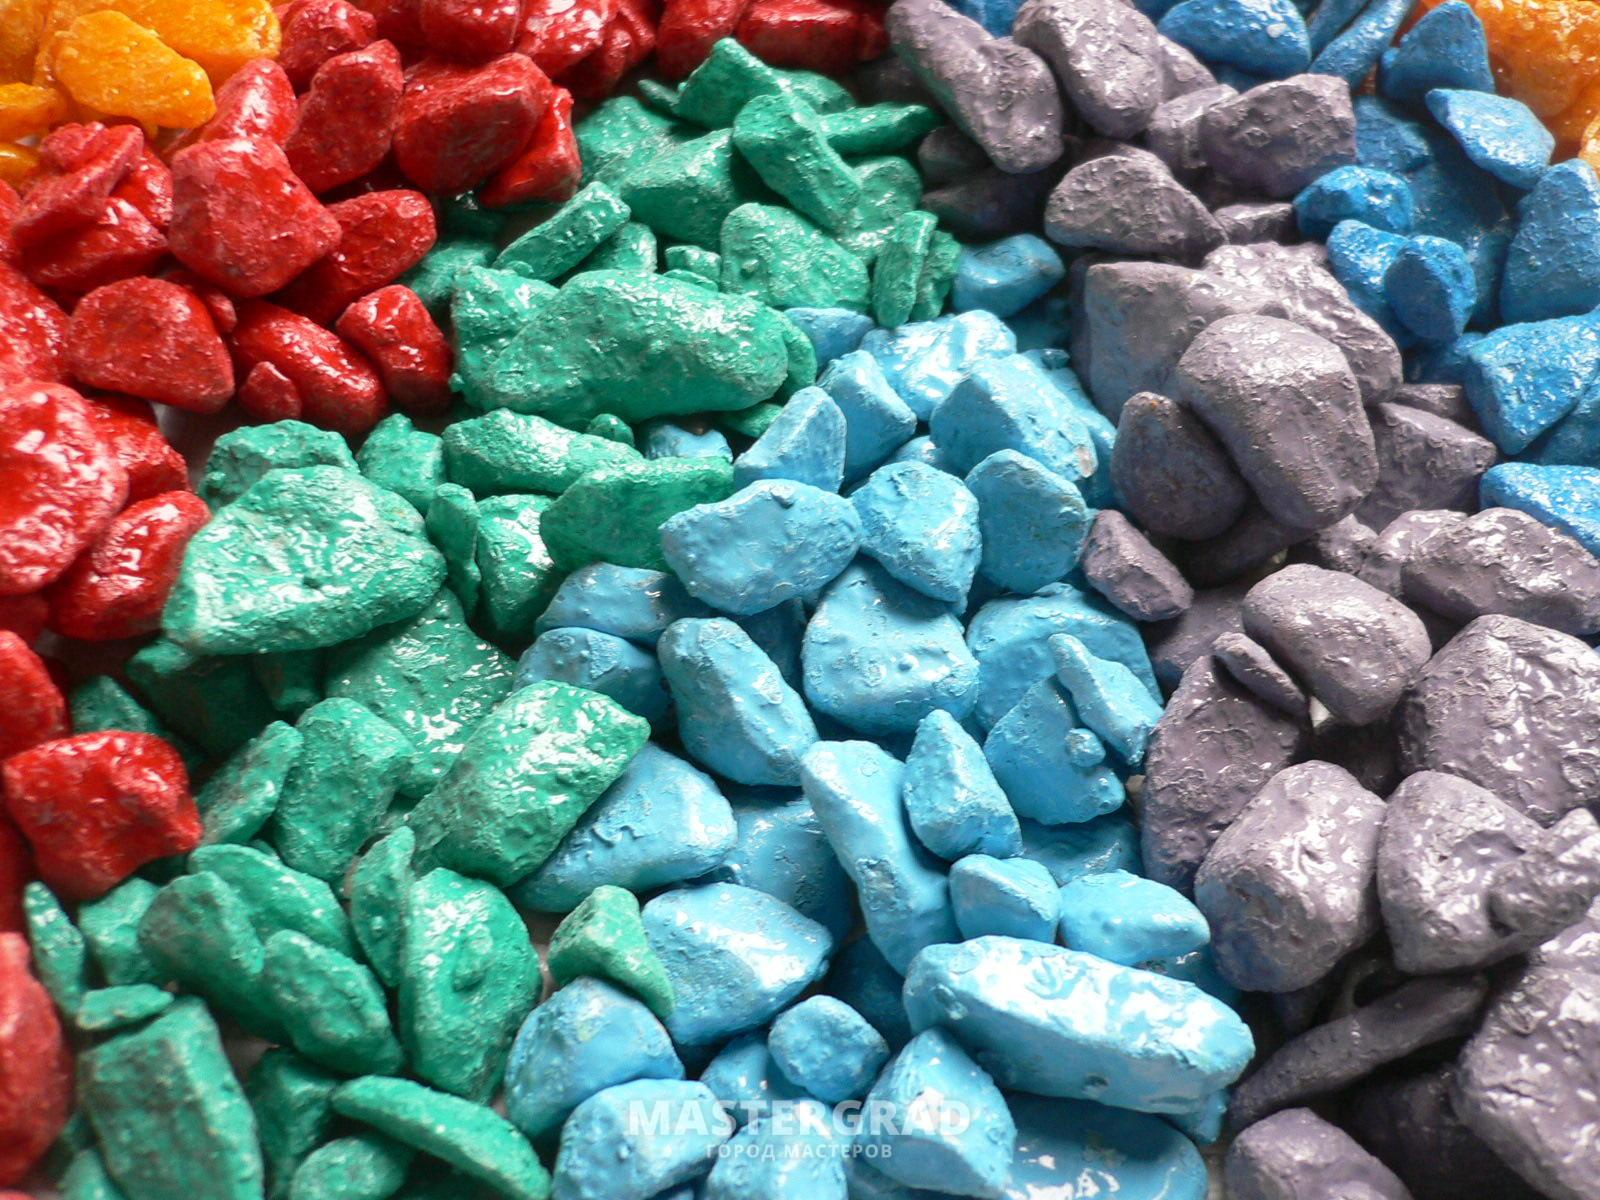 софиты, купить цветной декоративный щебень в евпатории представлять